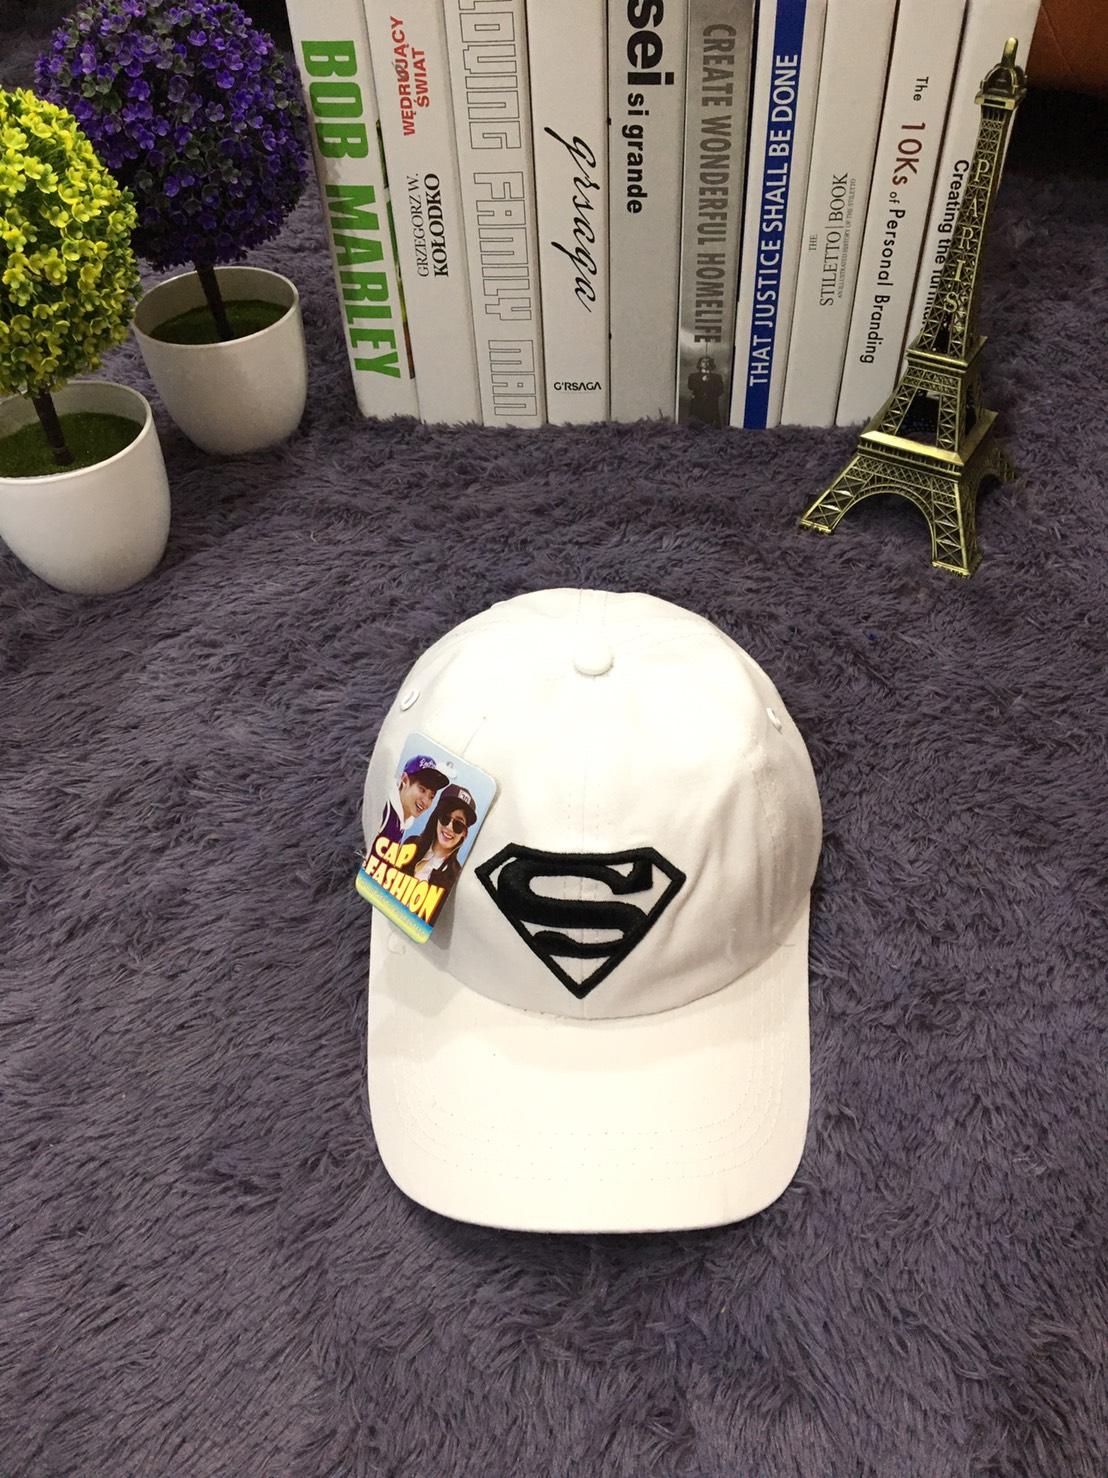 **พร้อมส่ง** หมวกแก๊ปแฟชั่น ปัก S สัญลักษณ์ซุปเปอร์แมน สวยเทห์ด้านหลังปรับขนาดได้ มี 2 สี